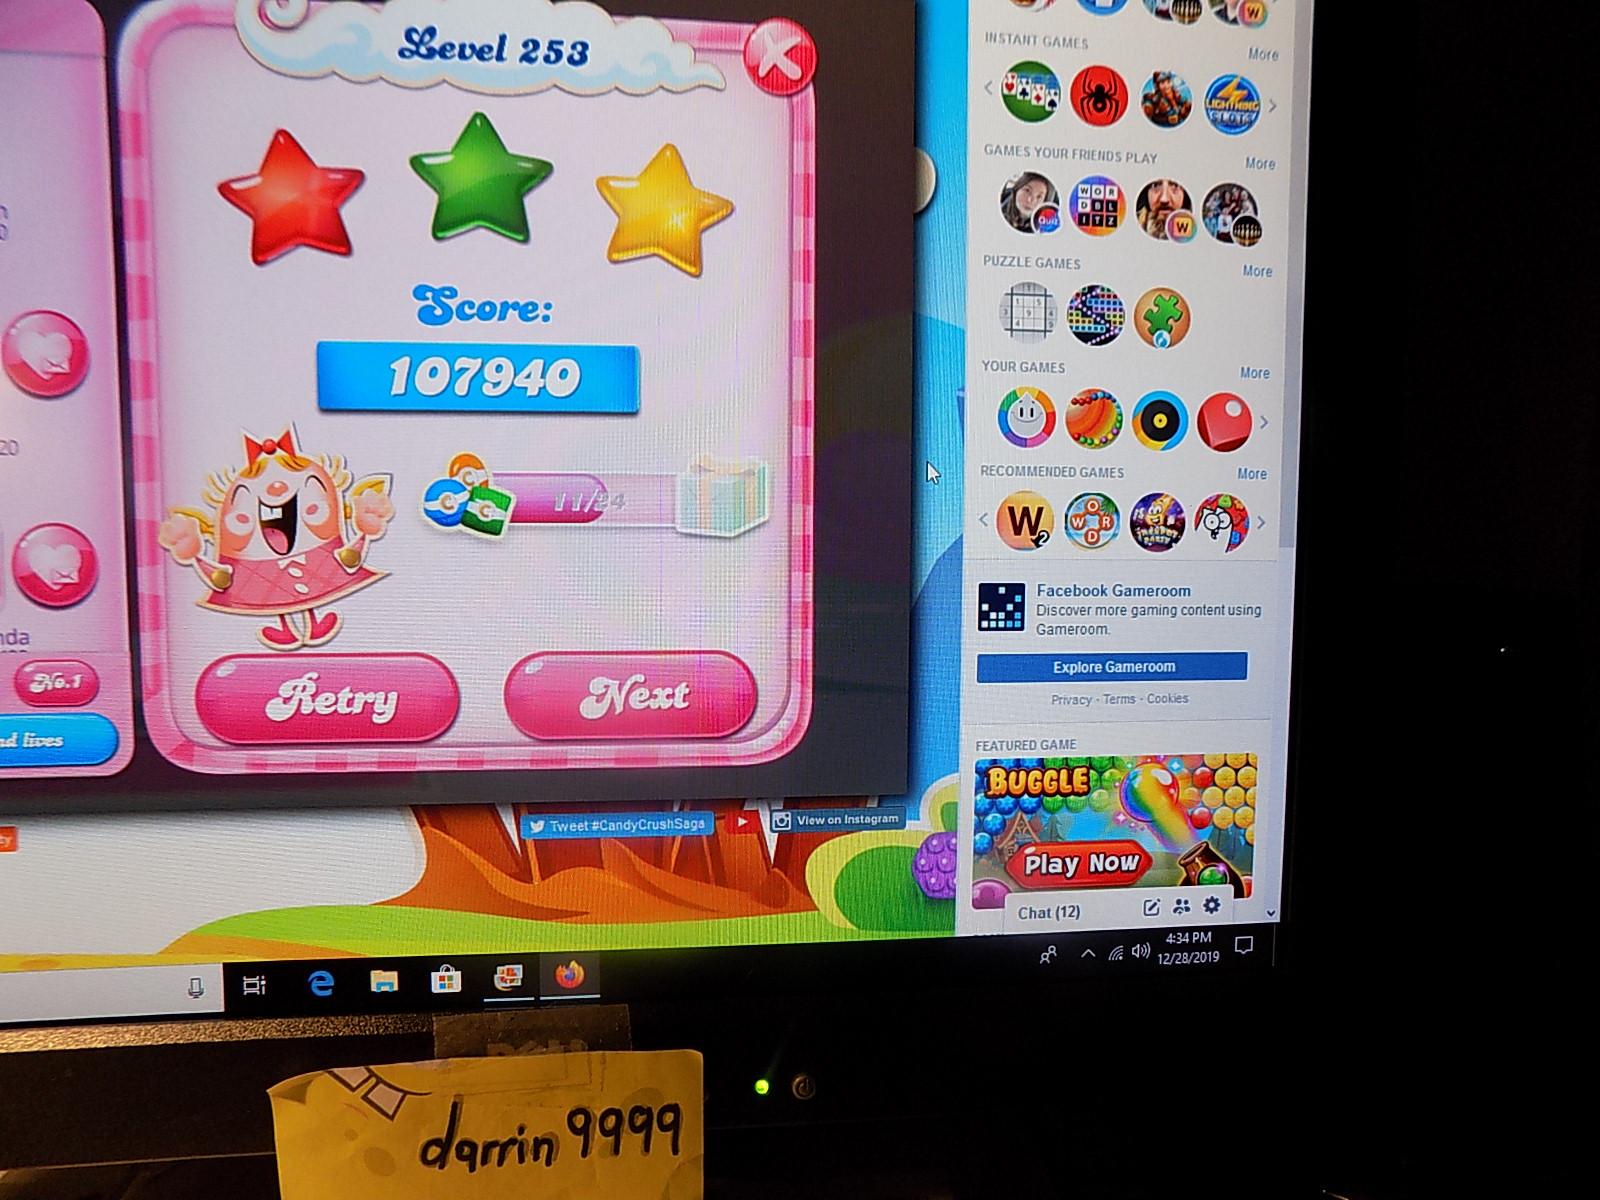 darrin9999: Candy Crush Saga: Level 253 (Web) 107,940 points on 2019-12-29 06:39:45